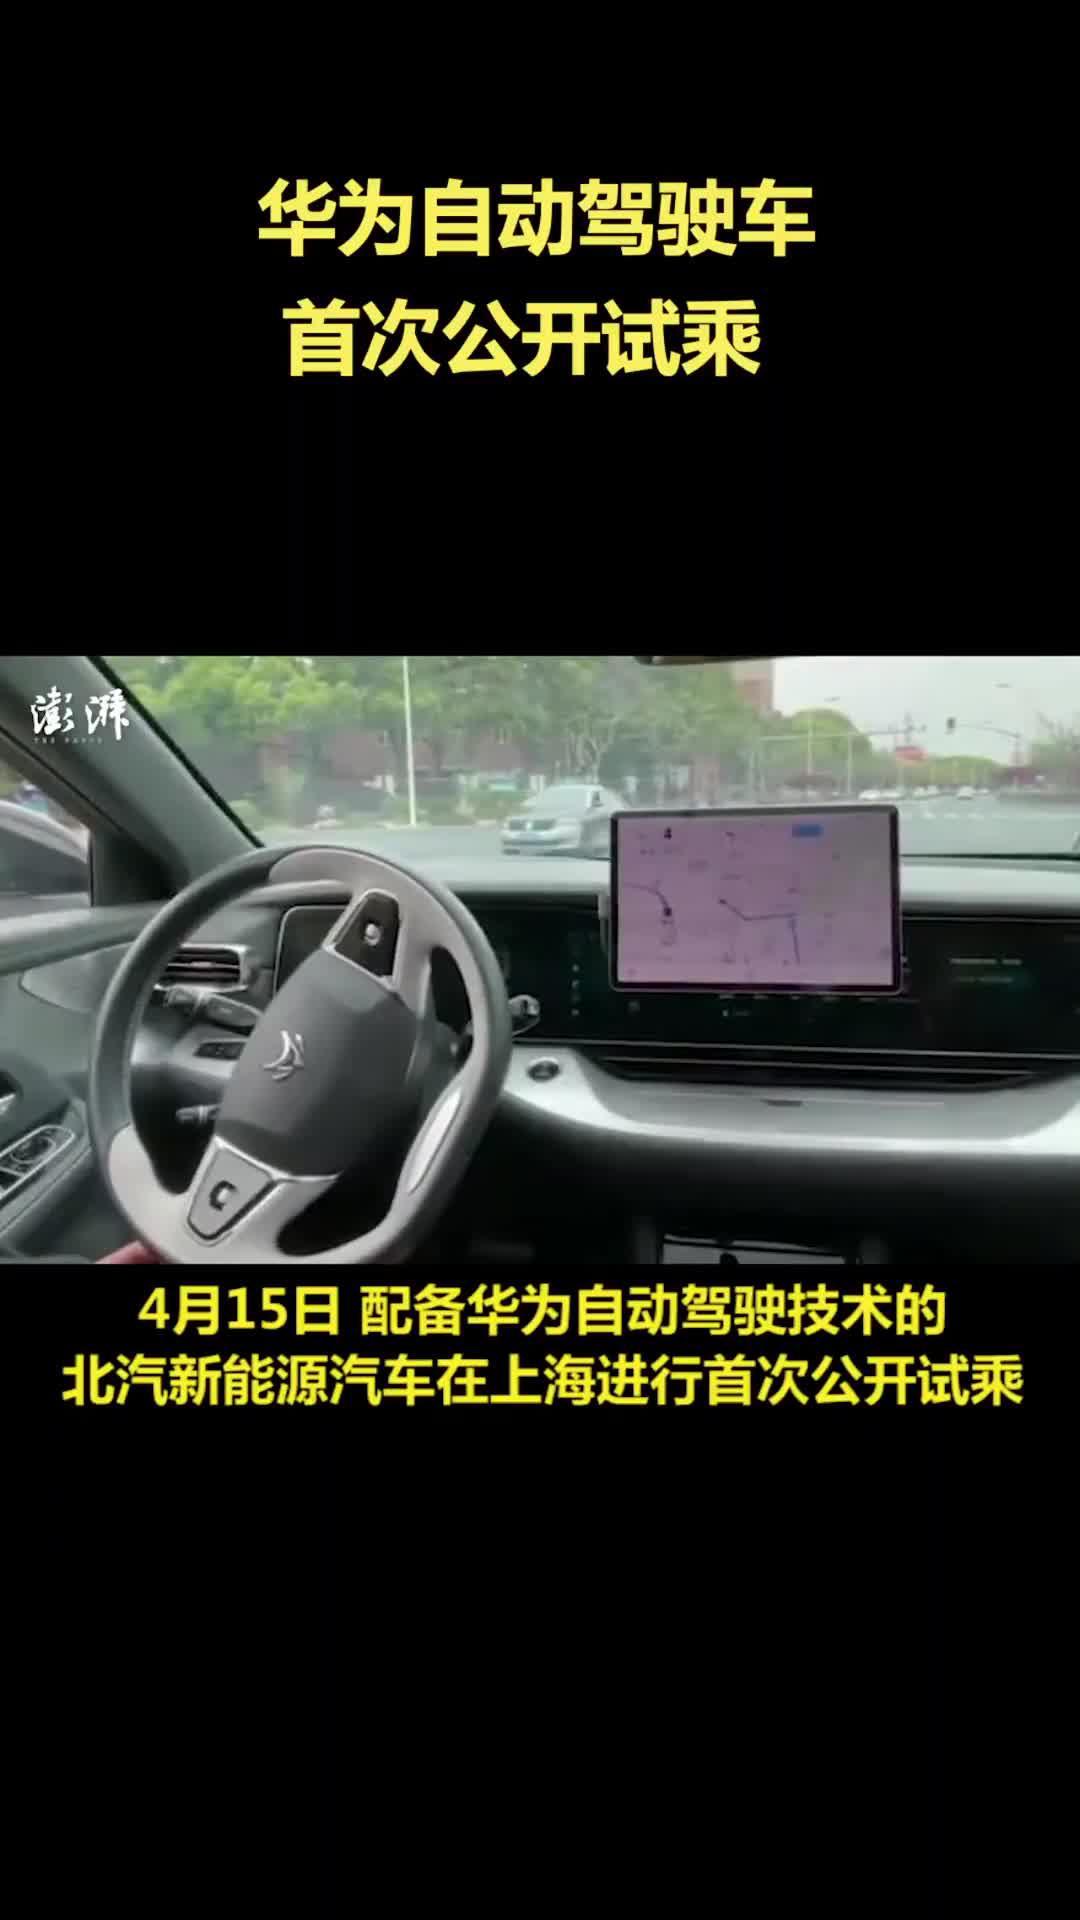 华为自动驾驶车首次公开试乘:可在城区千公里无干预驾驶